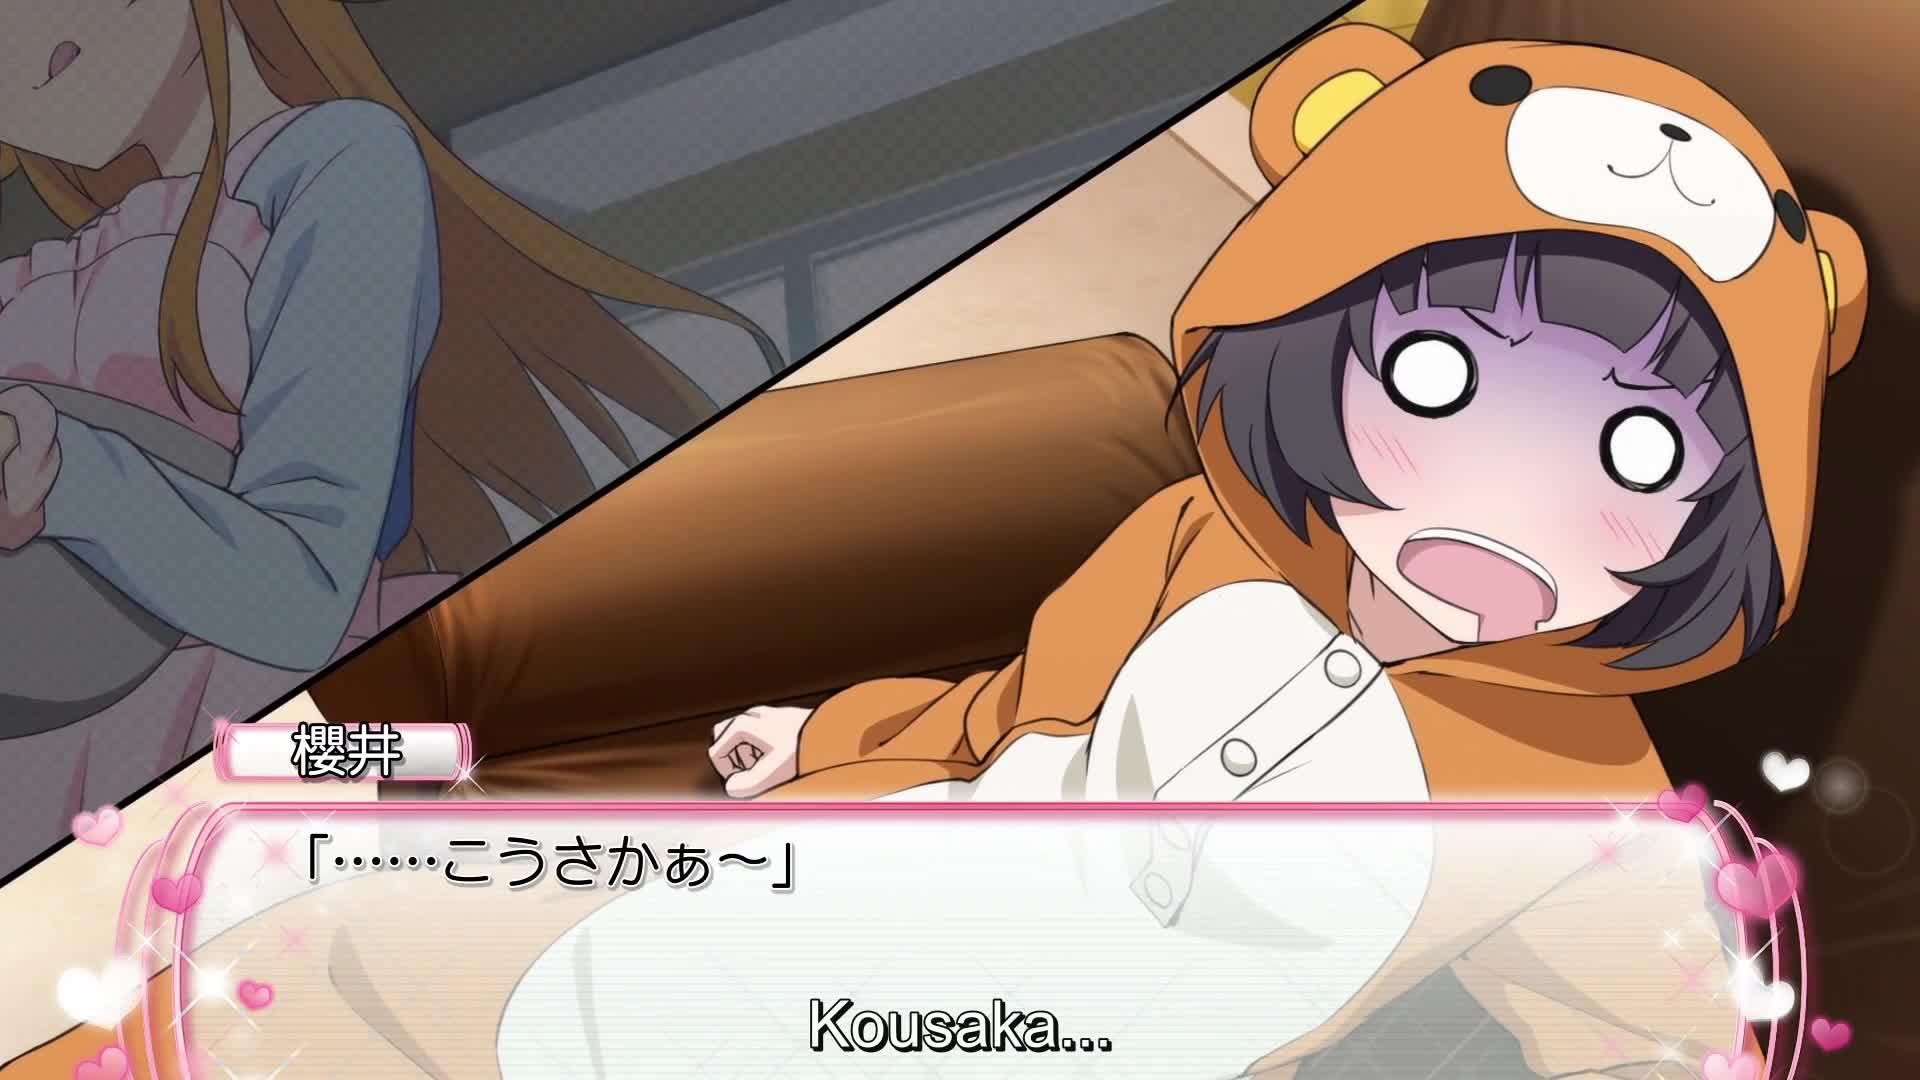 Ore no Imouto ga Konnani Kawaii Wake ga Nai.: SD Chara ni Yoru Short Movie